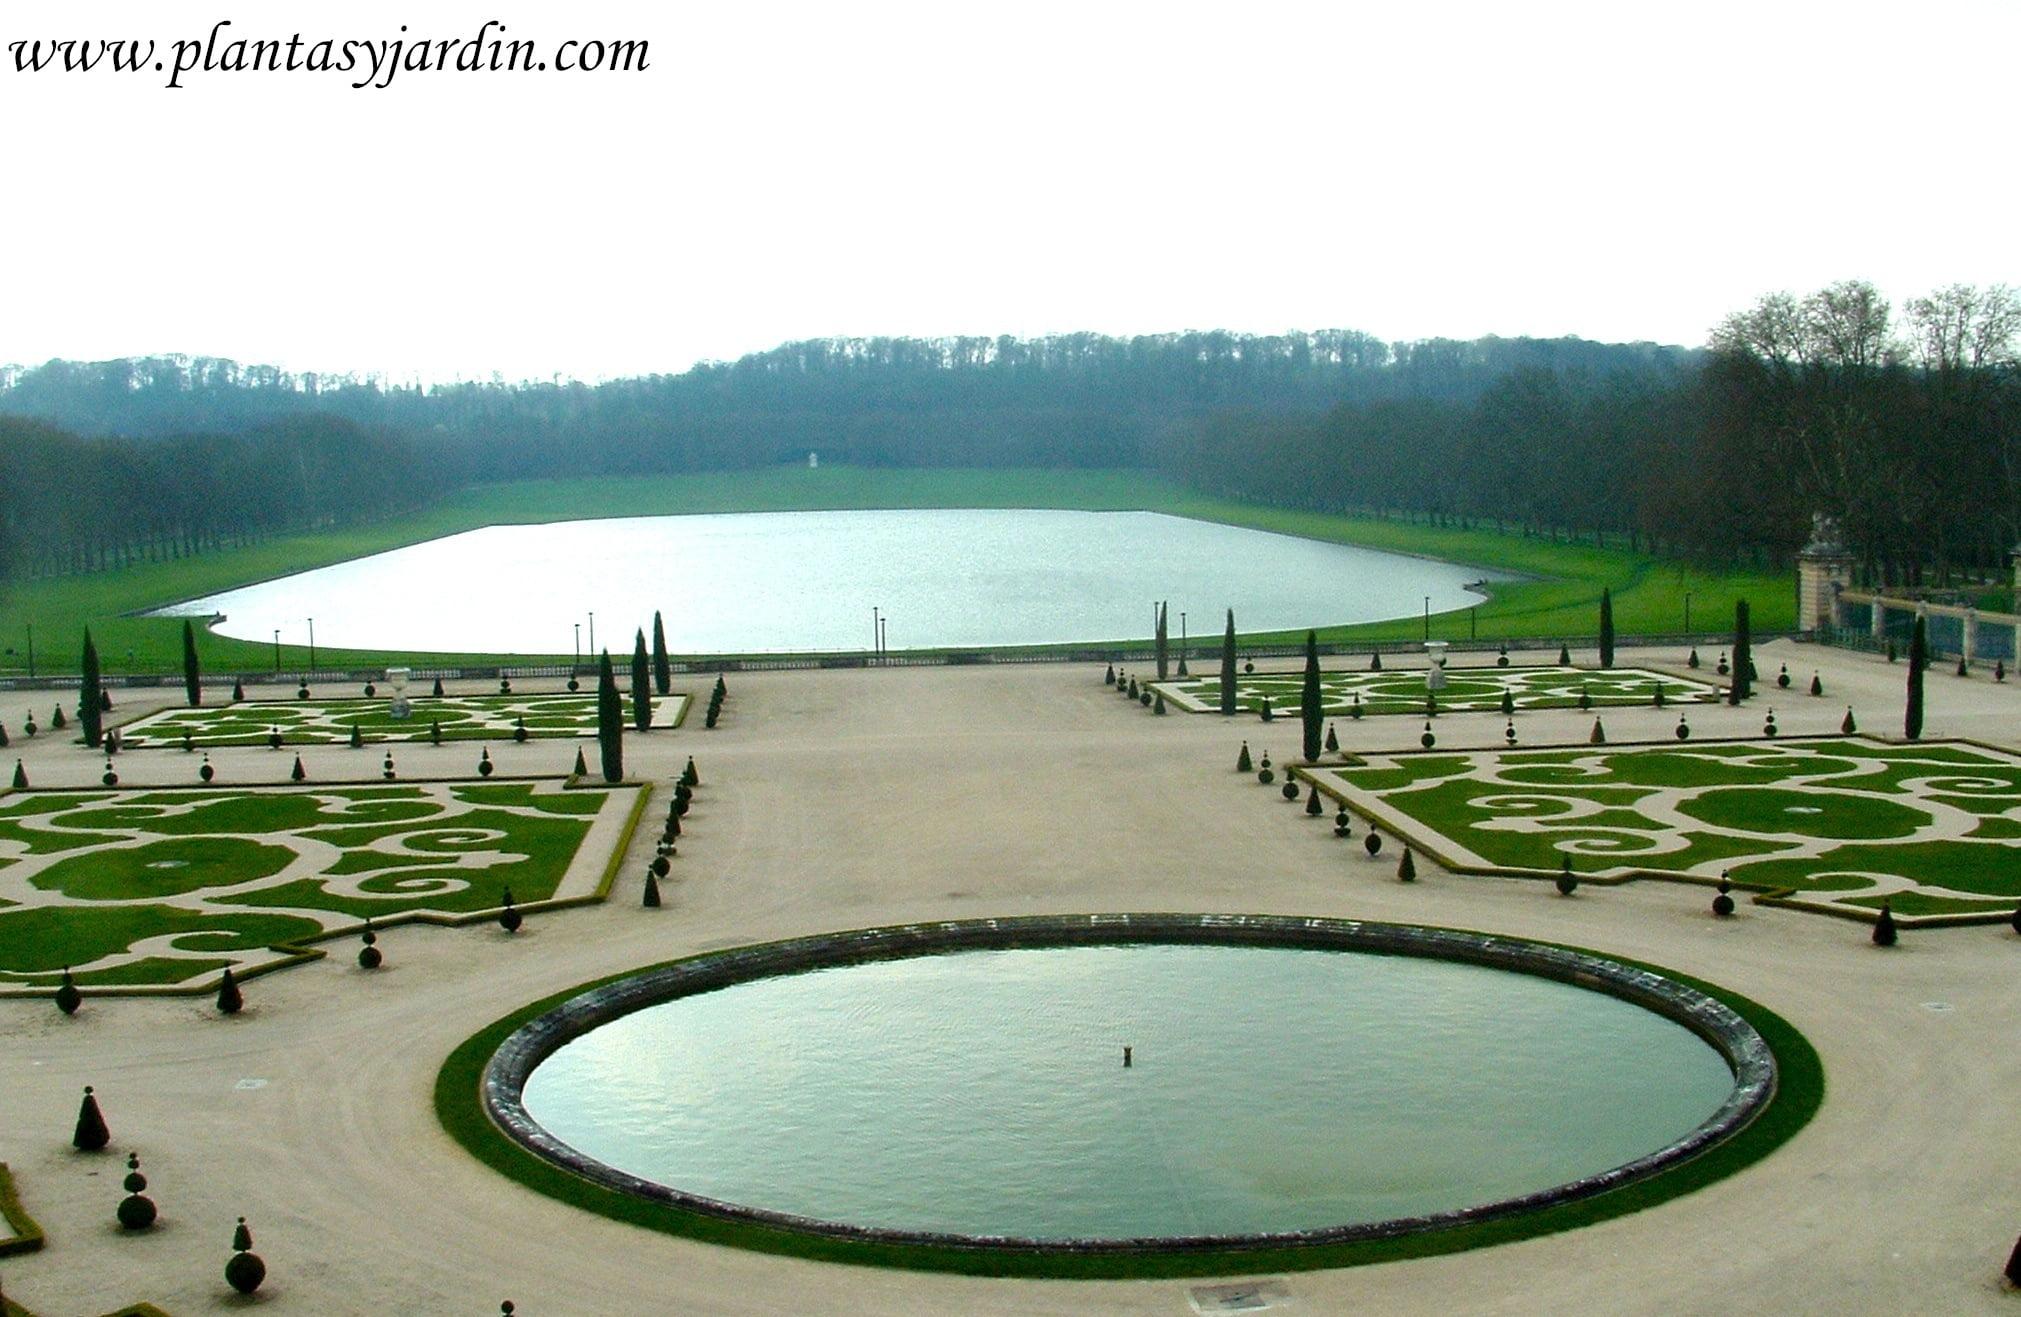 Parterres de La Orangerie en los jardines de Versalles